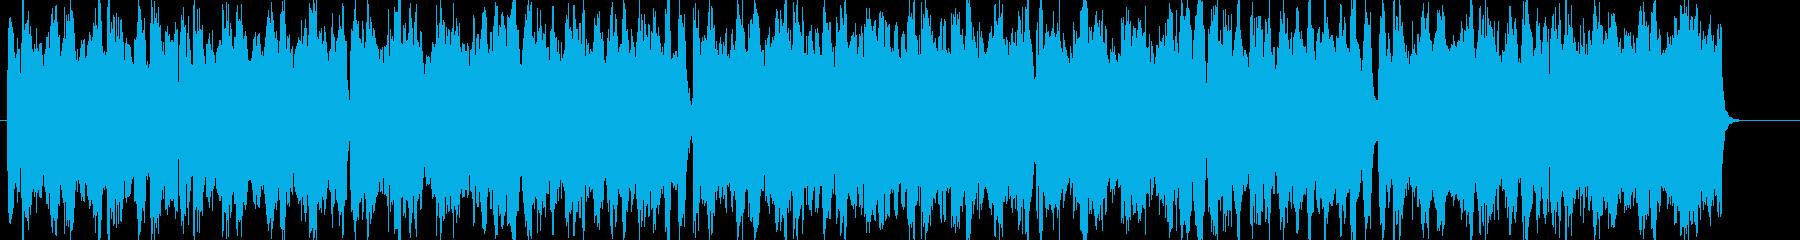 組曲「惑星」より「ジュピター」オーケスラの再生済みの波形